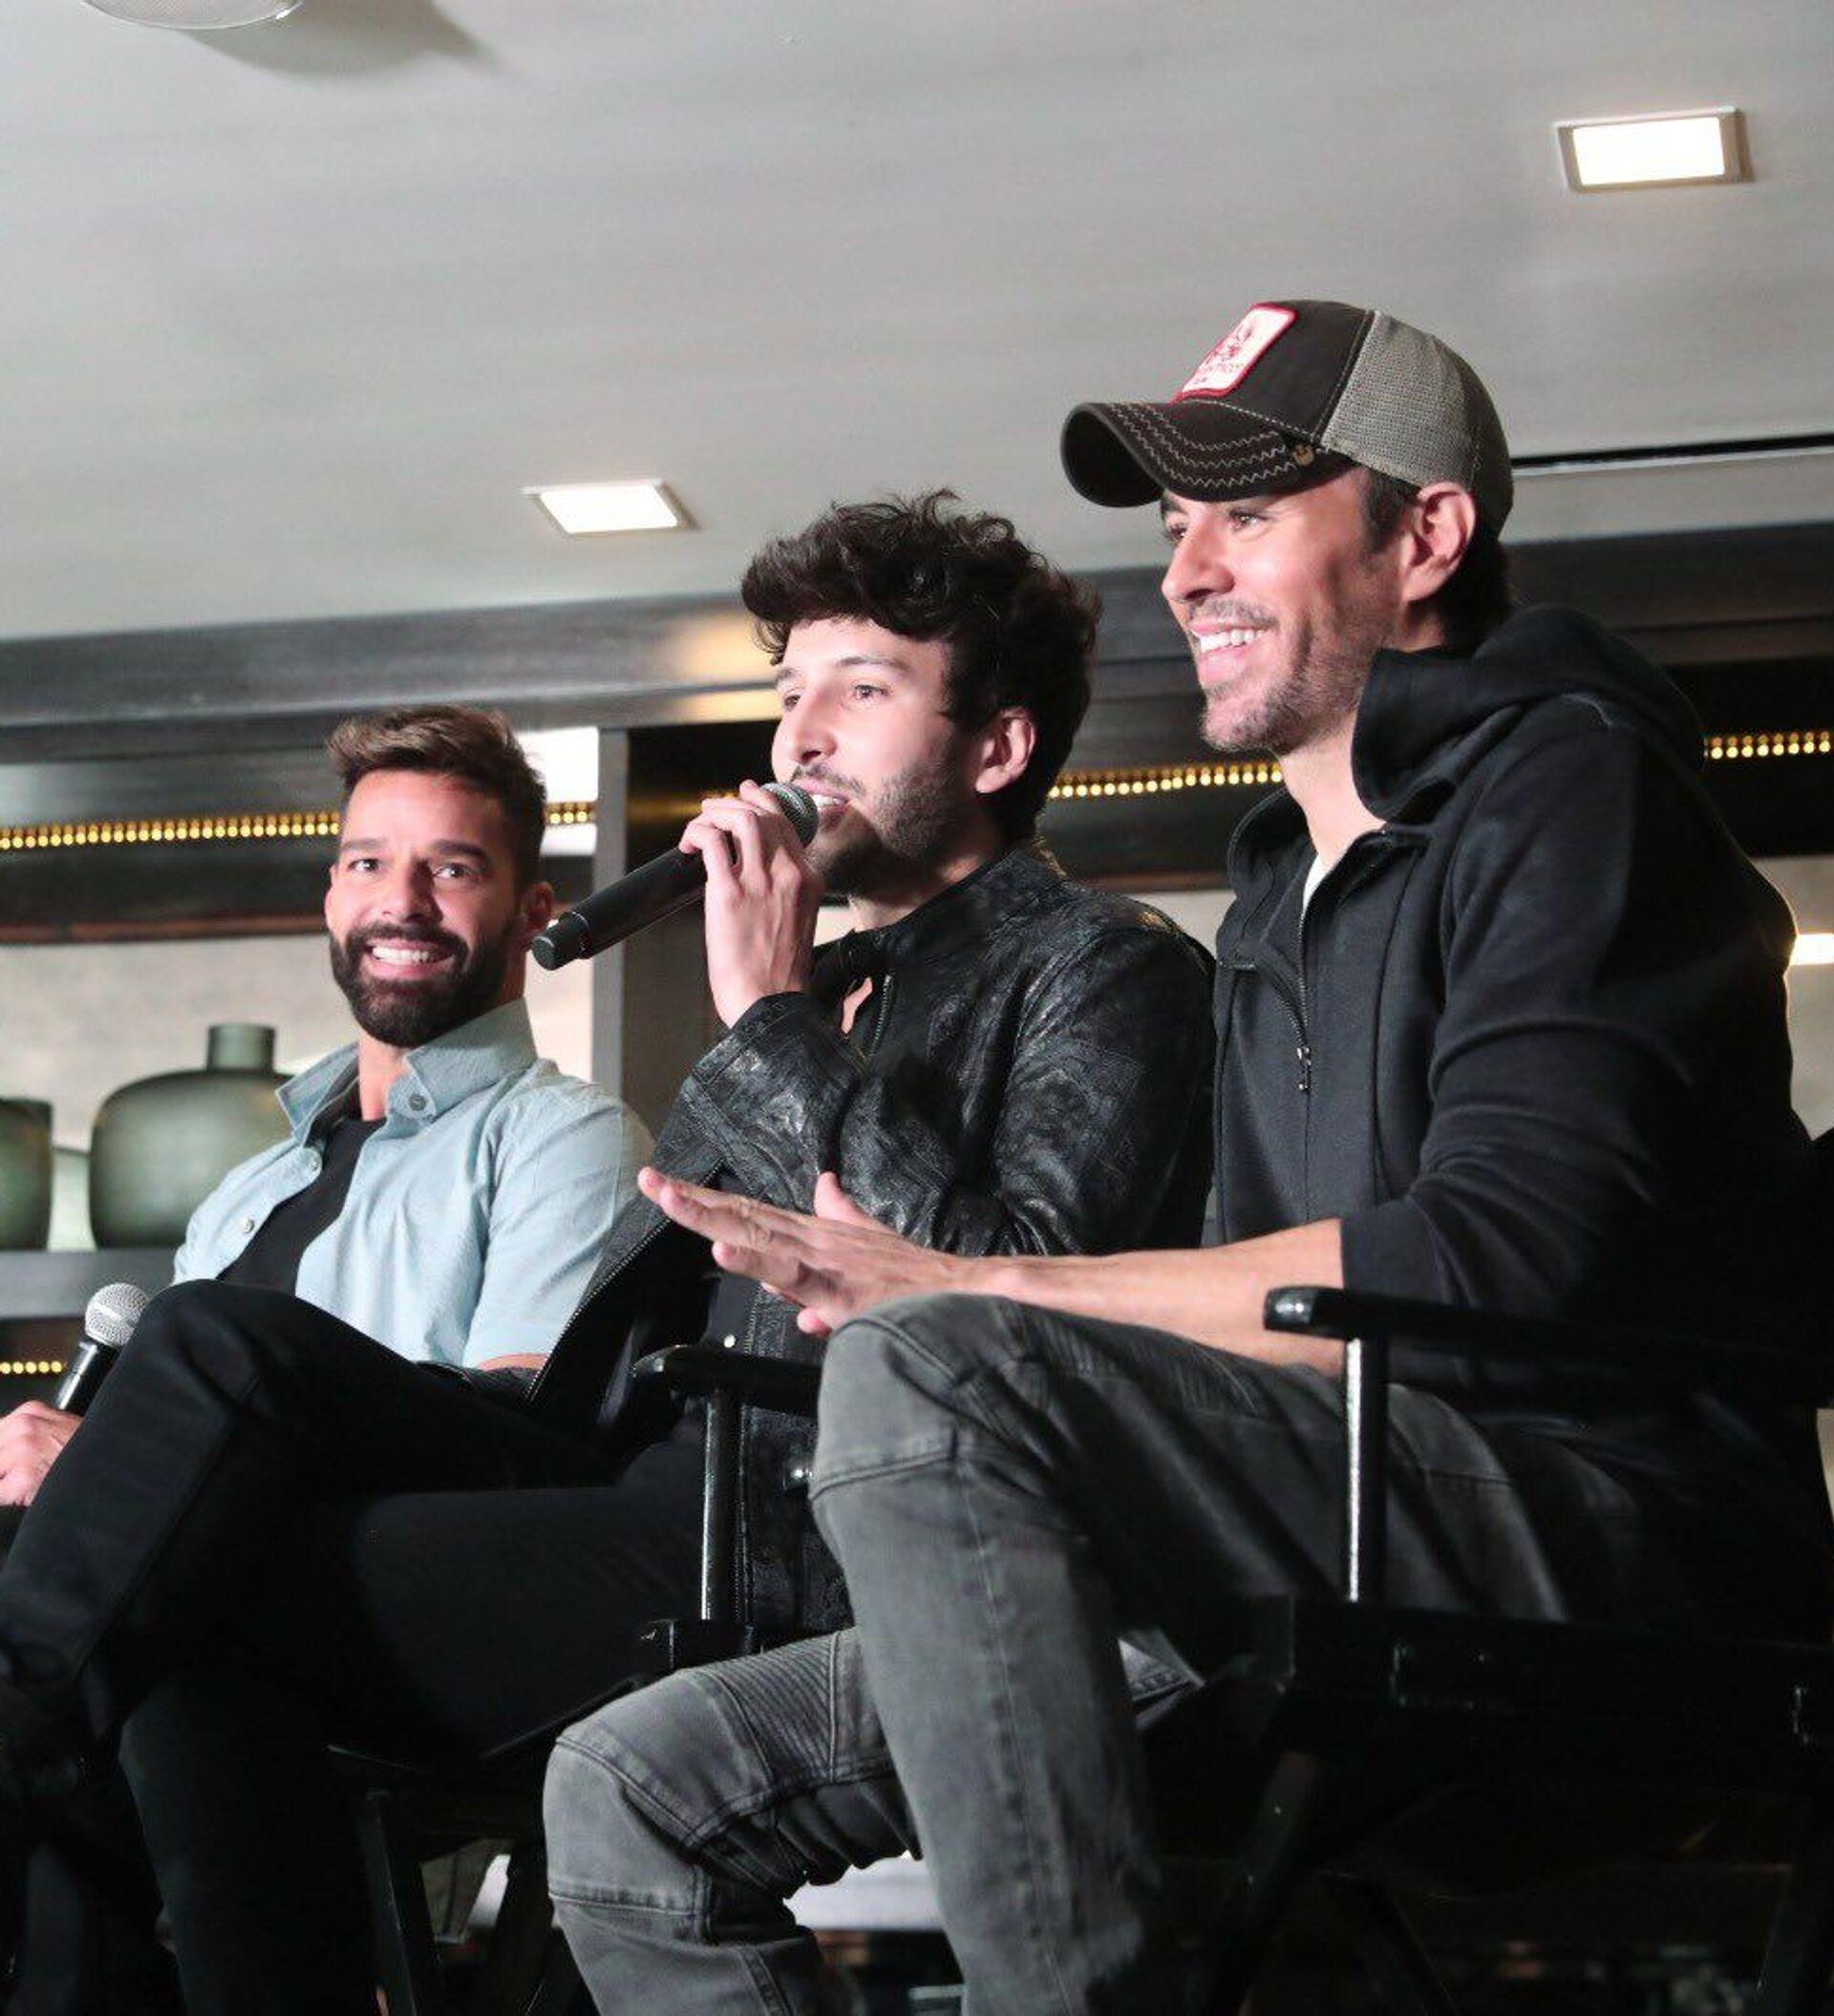 De infarto: Enrique Iglesias y Ricky Martin se van de gira con Sebastián  Yatra | Vídeos - 05.03.2020, Sputnik Mundo